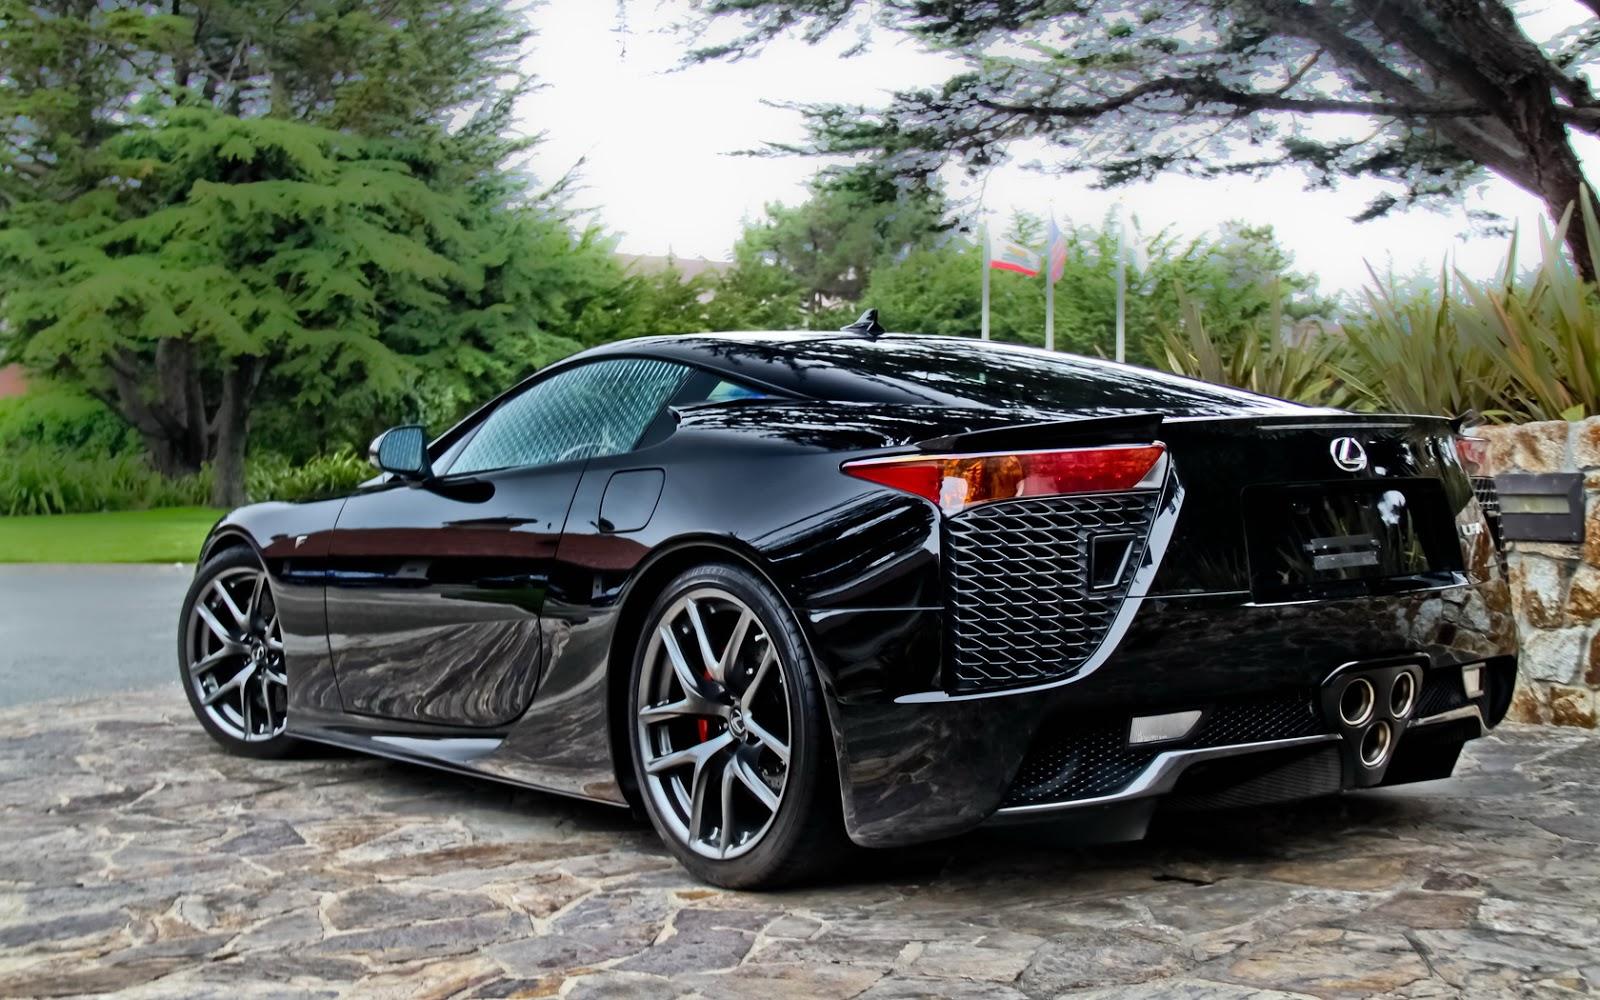 http://1.bp.blogspot.com/-eoCIfgZgjRI/UNmkThoO20I/AAAAAAAAAK8/Qi34YG4rIsY/s1600/Lexus+Supercar+2013+Back+Side.jpg